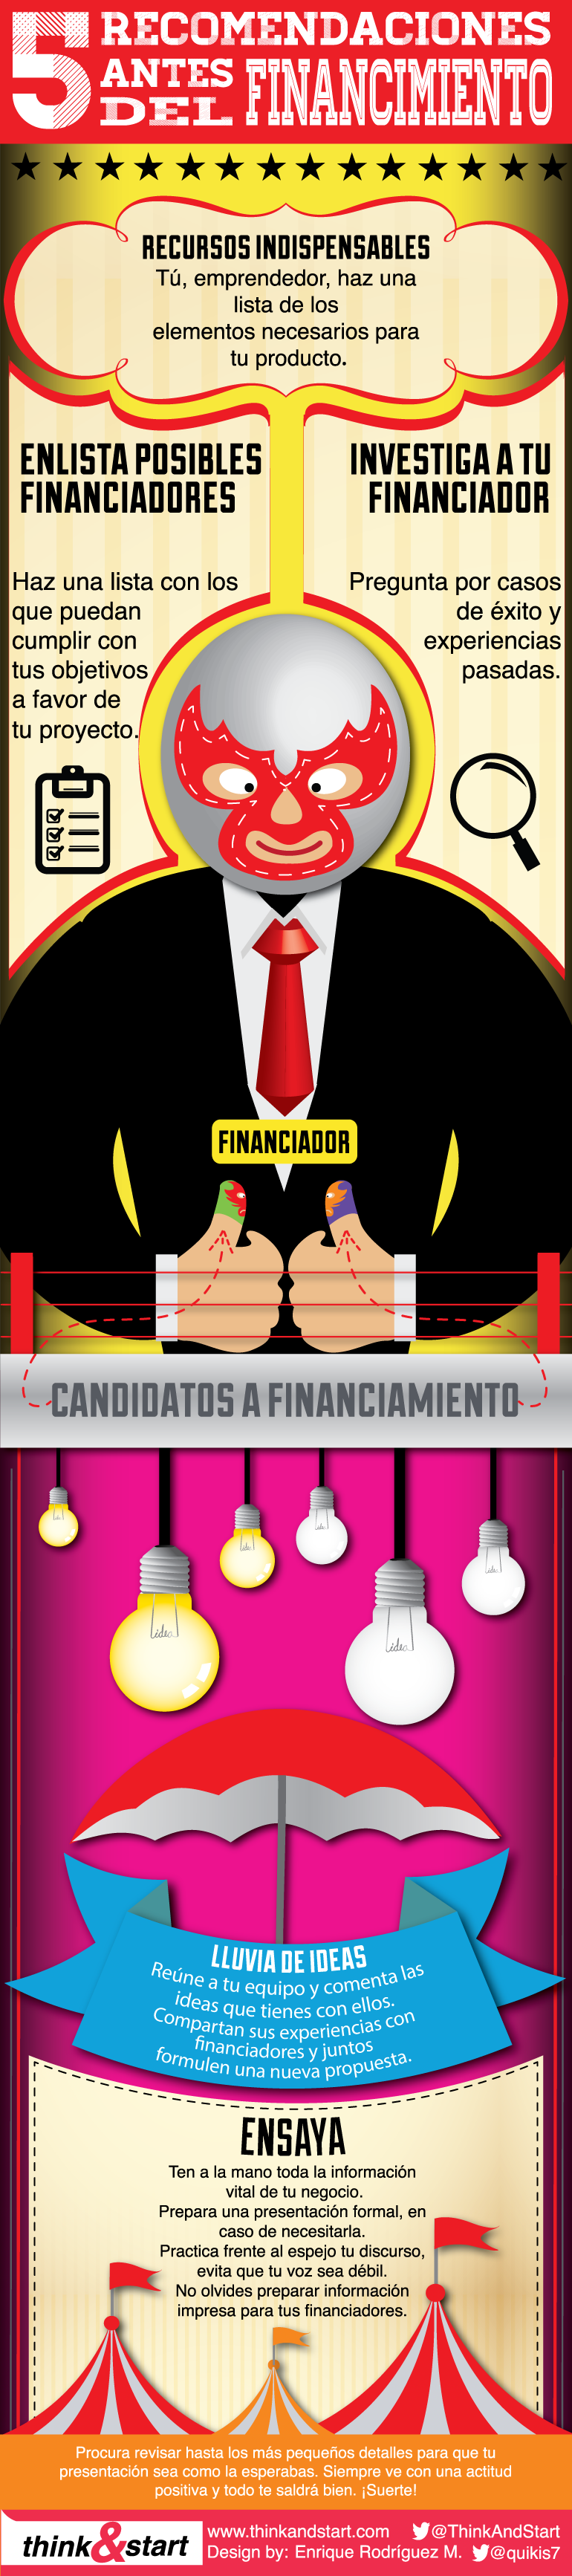 _Cinco-Recomendaciones-Antes-del-Financiamiento